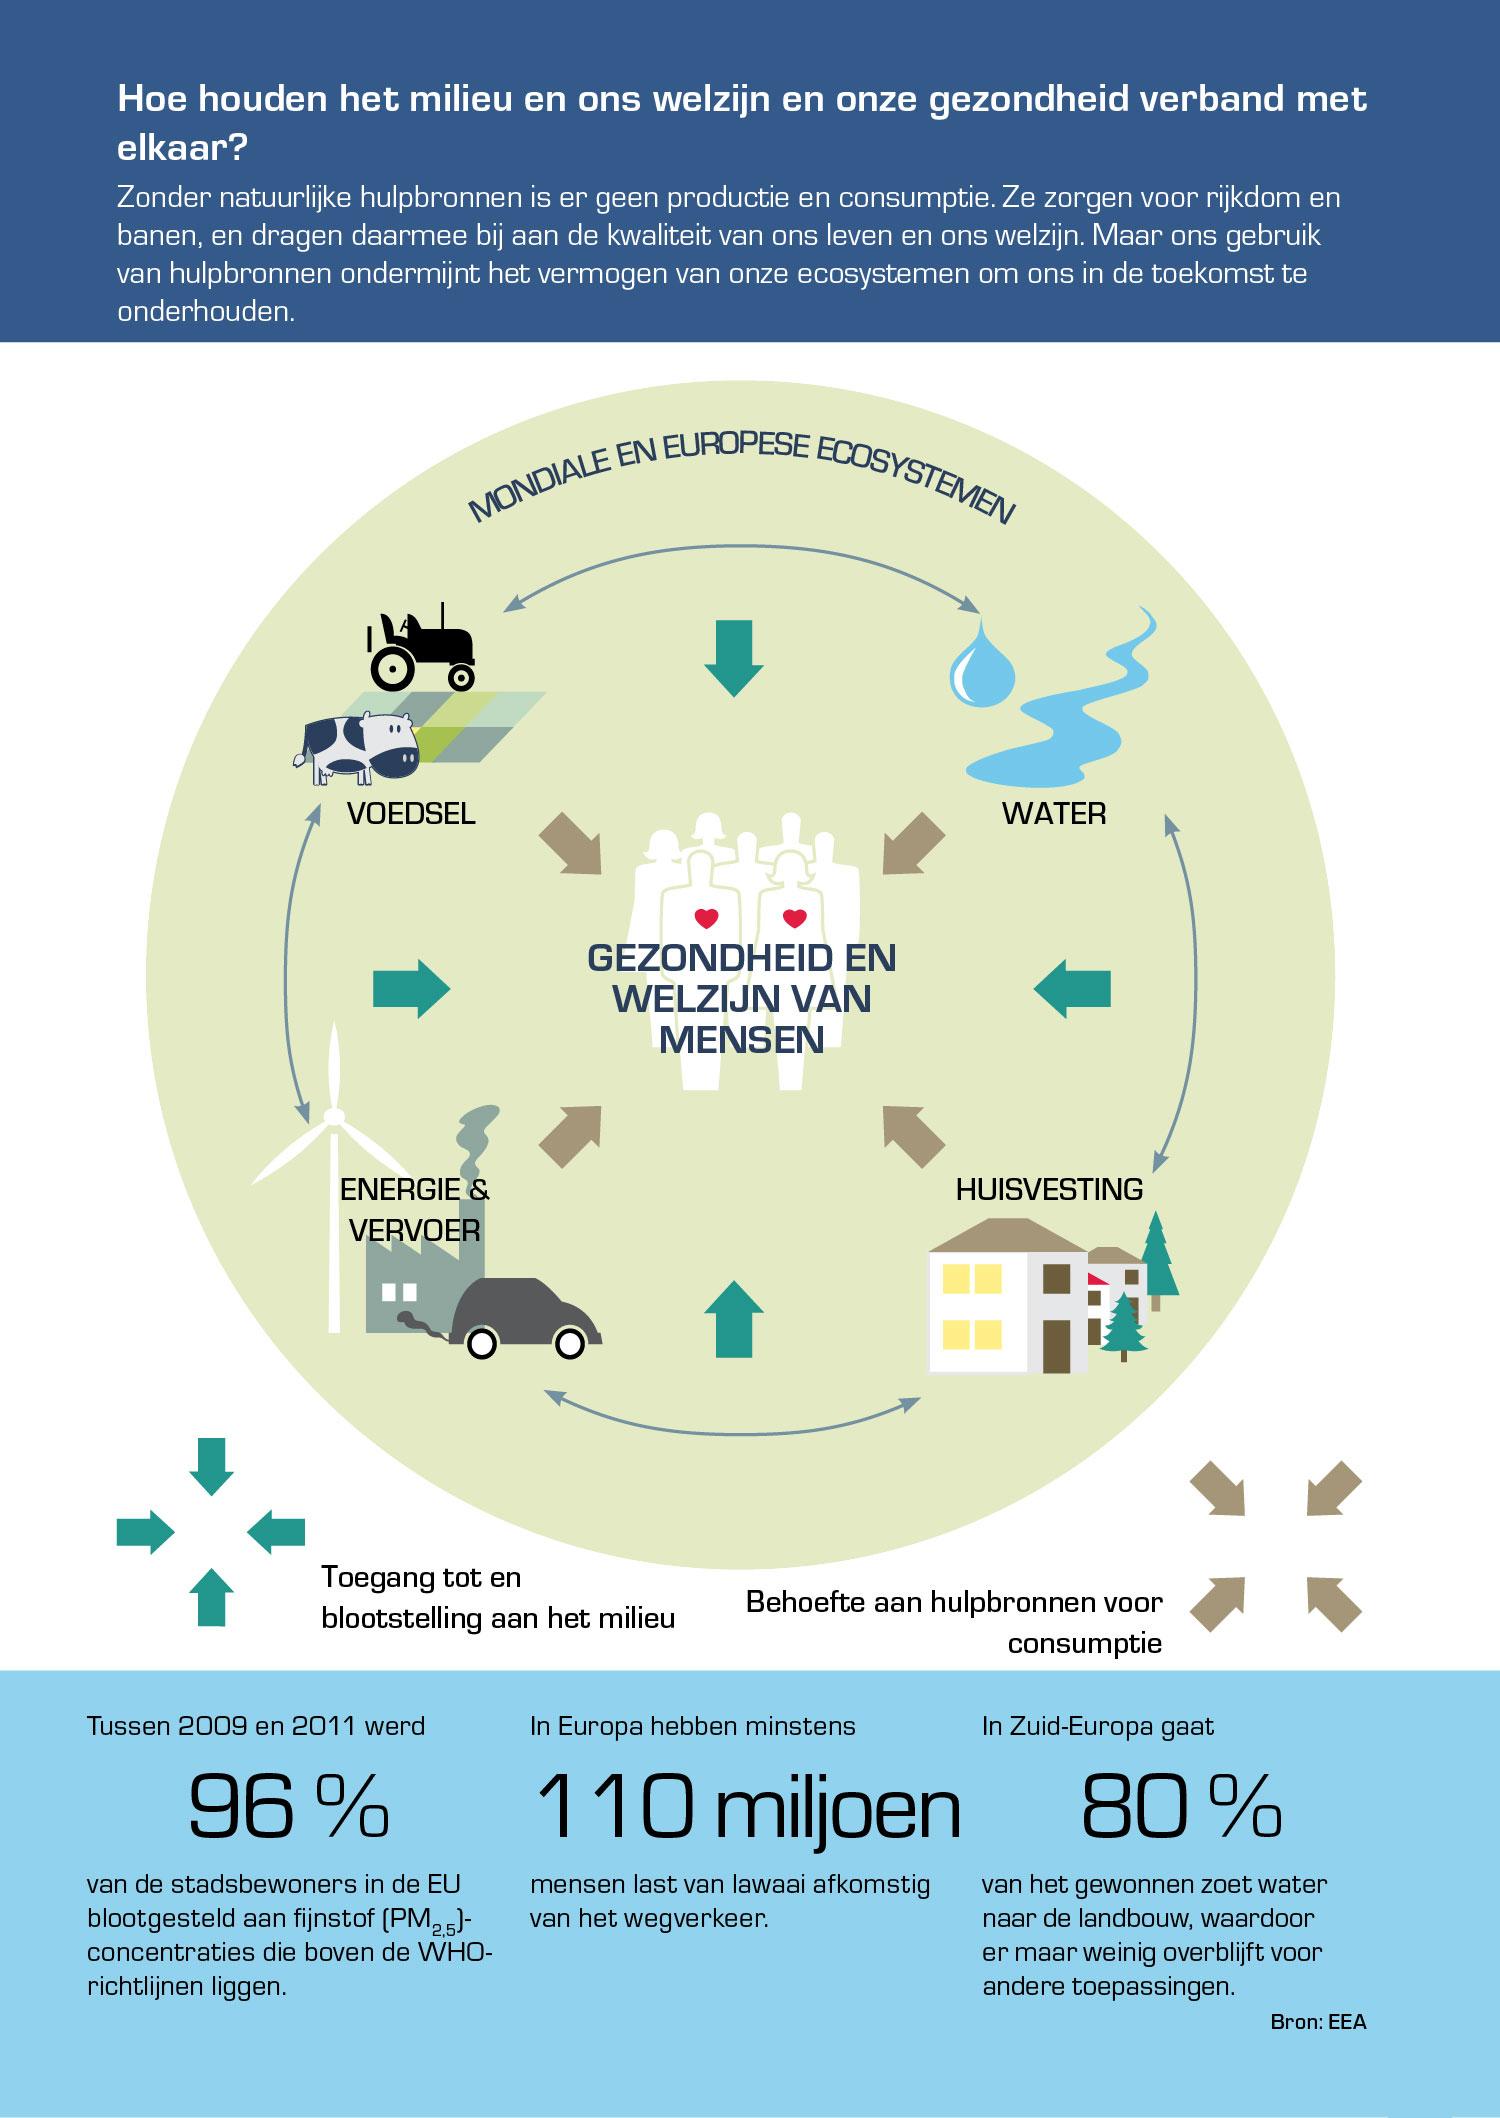 Hoe houden het milieu en ons welzijn en onze gezondheid verband met elkaar?